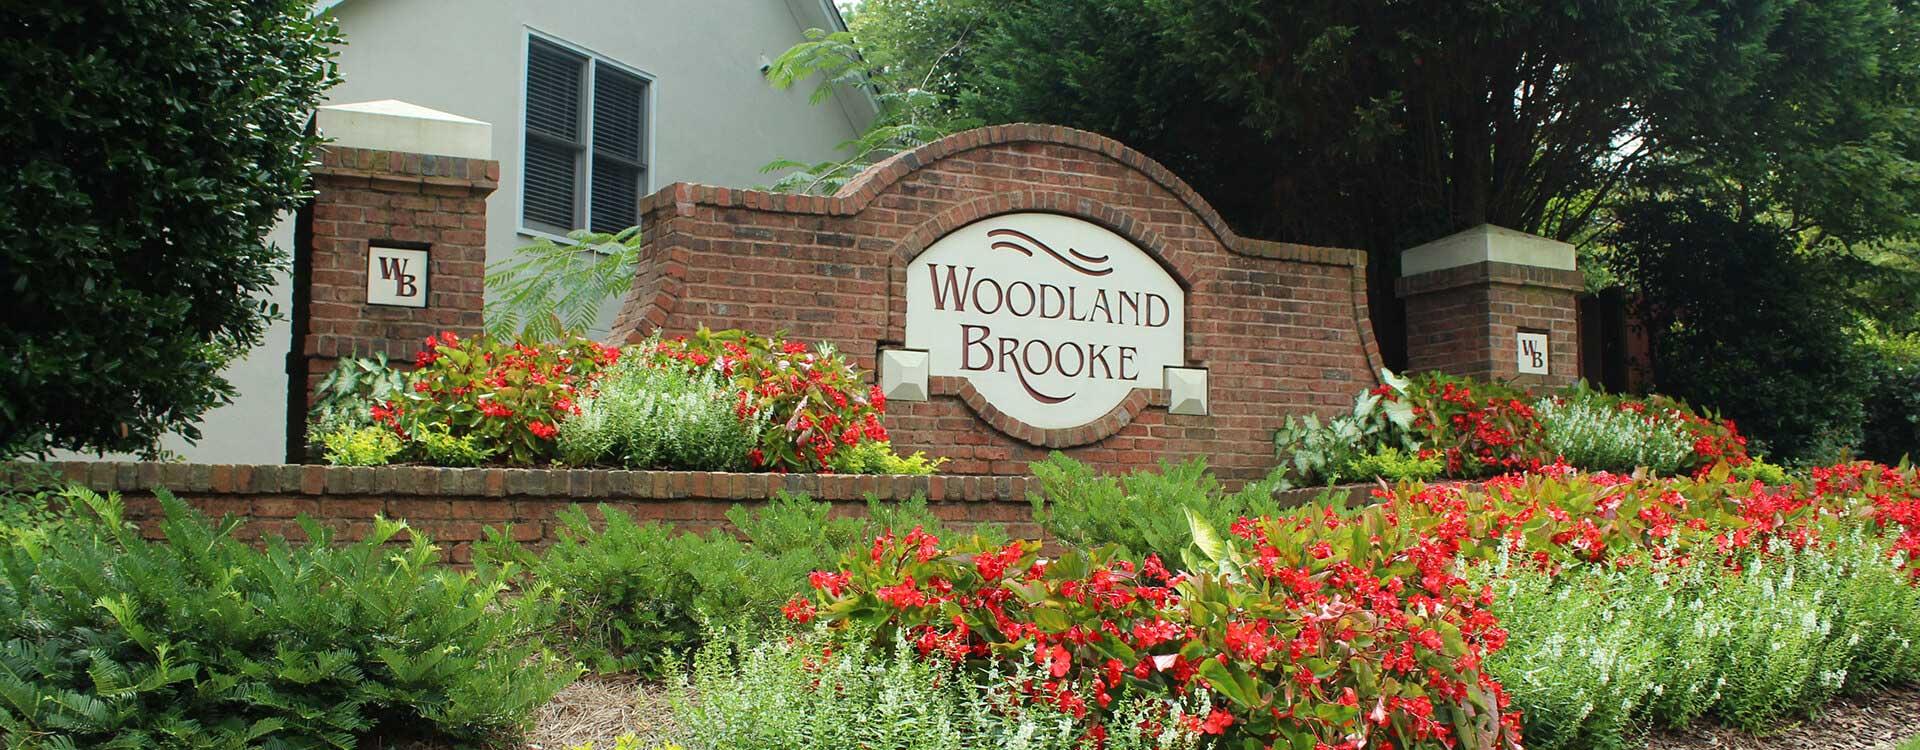 Woodland Brooke